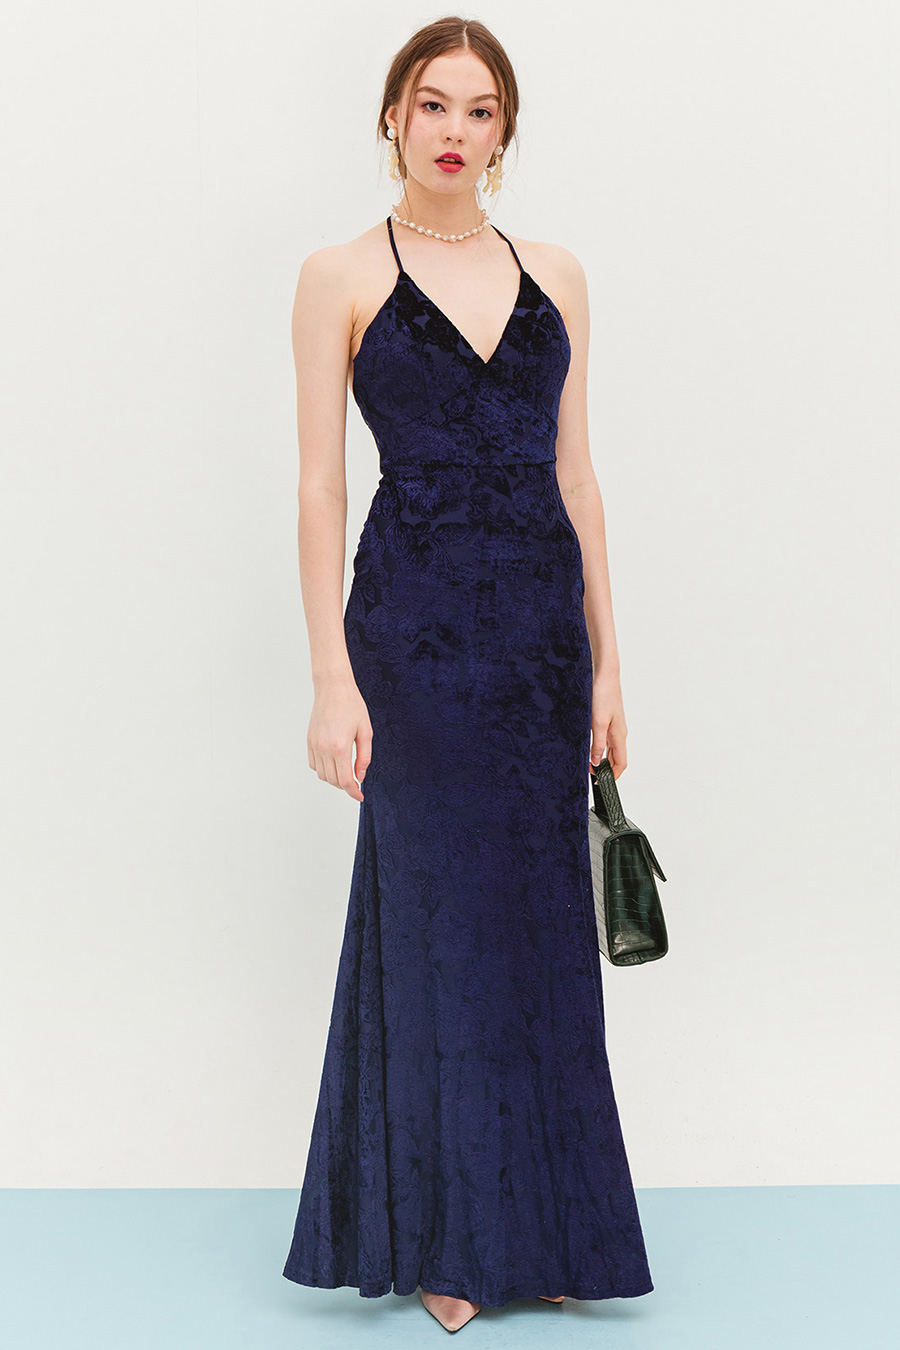 YSSABELLA DRESS - MIDNIGHT